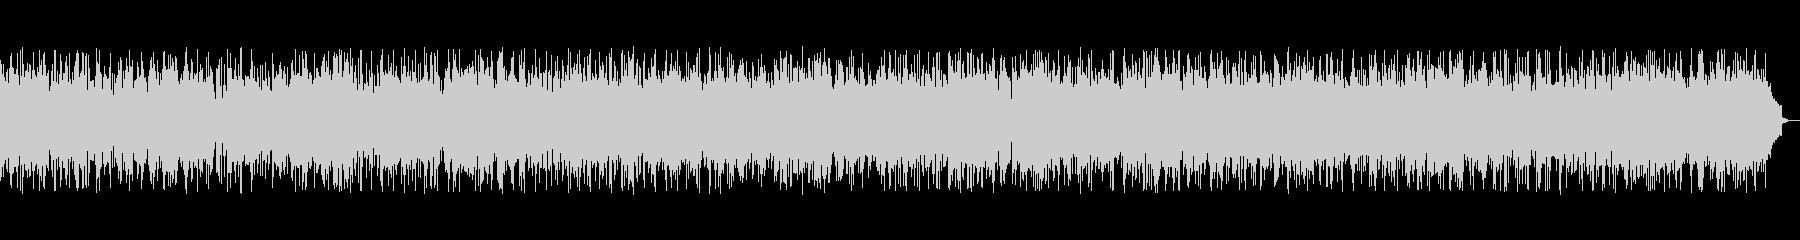 ケルティックフィドル[華やかジャズ]5分の未再生の波形